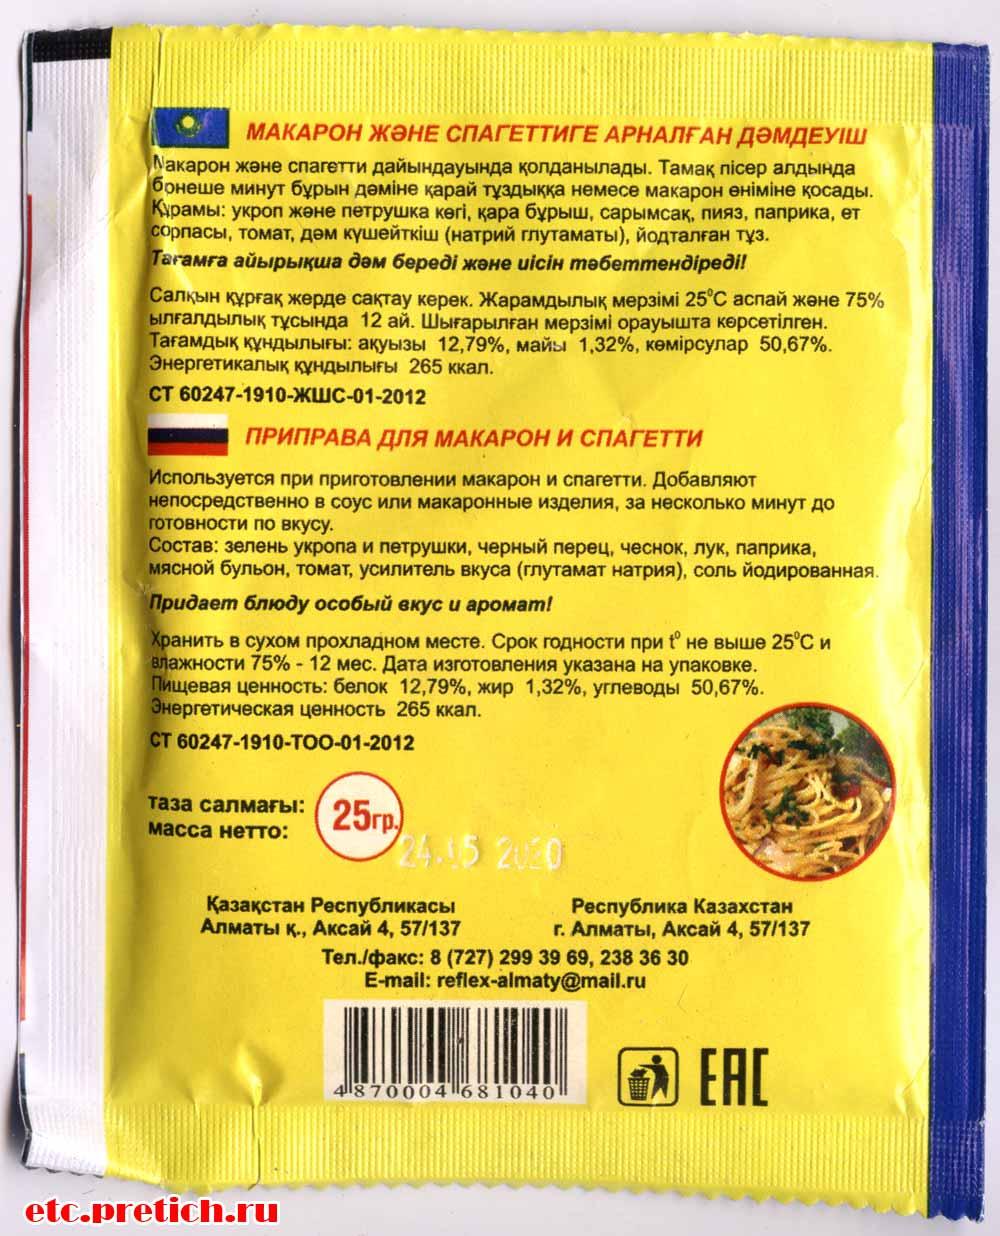 приправа для макарон и спагетти REFLEX - хорошая и вкусная, дешево!